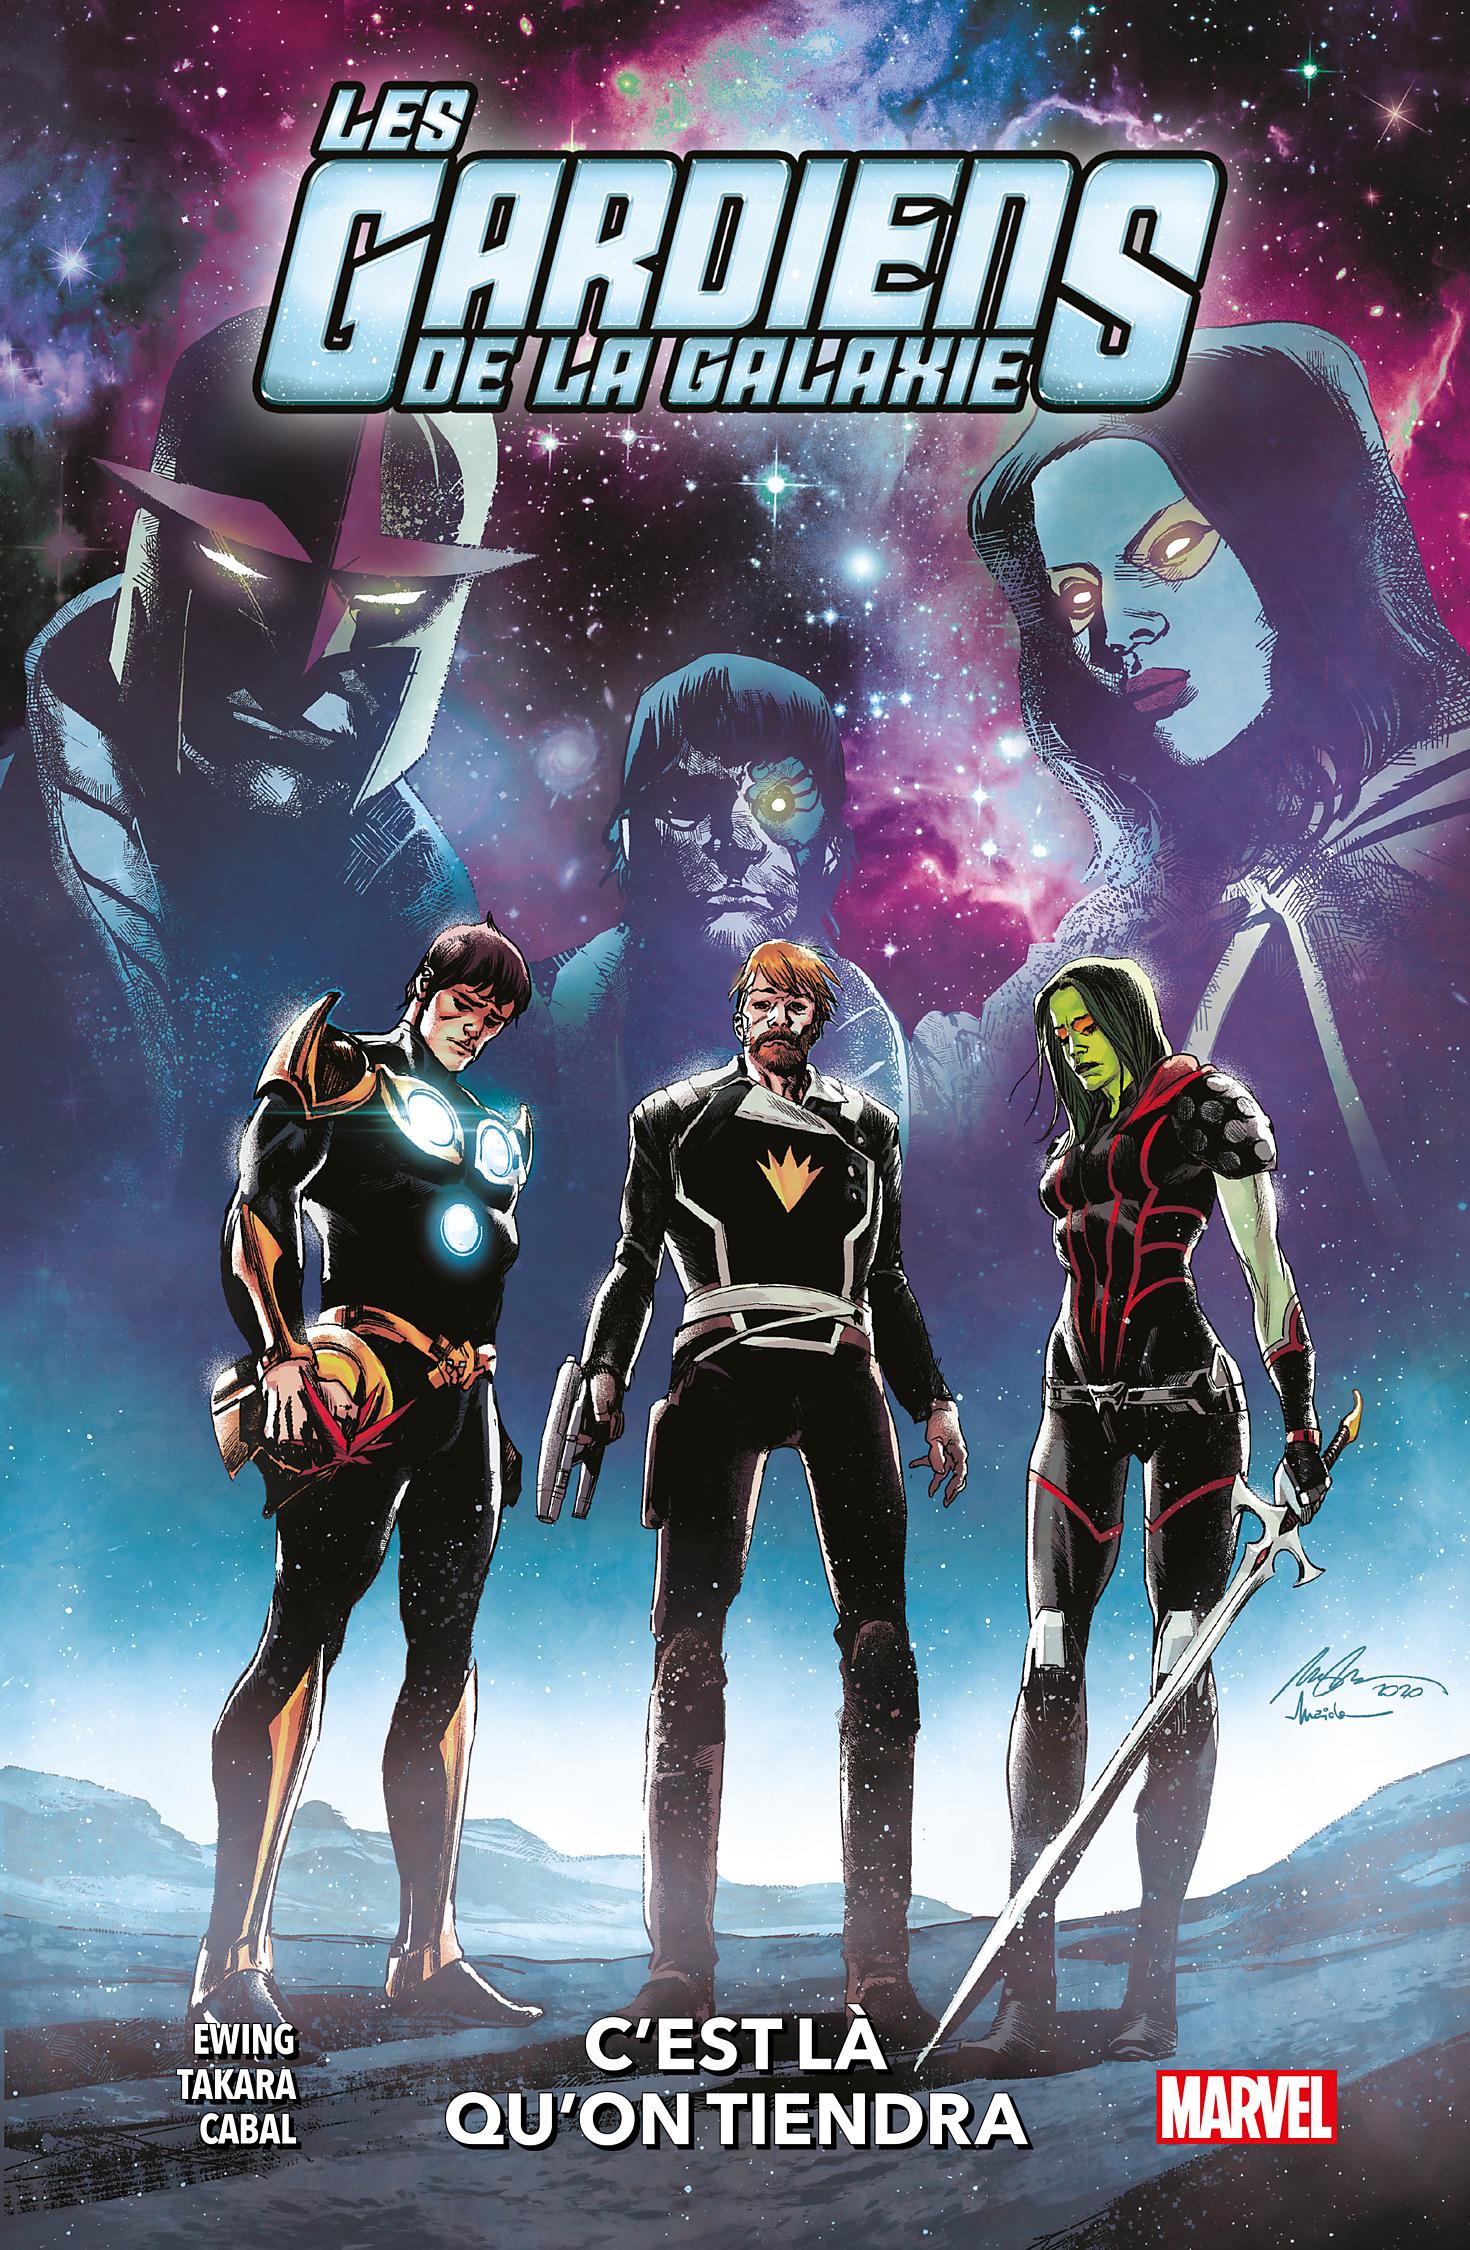 Les Gardiens de la Galaxie 2 - C'est là qu'on tiendra